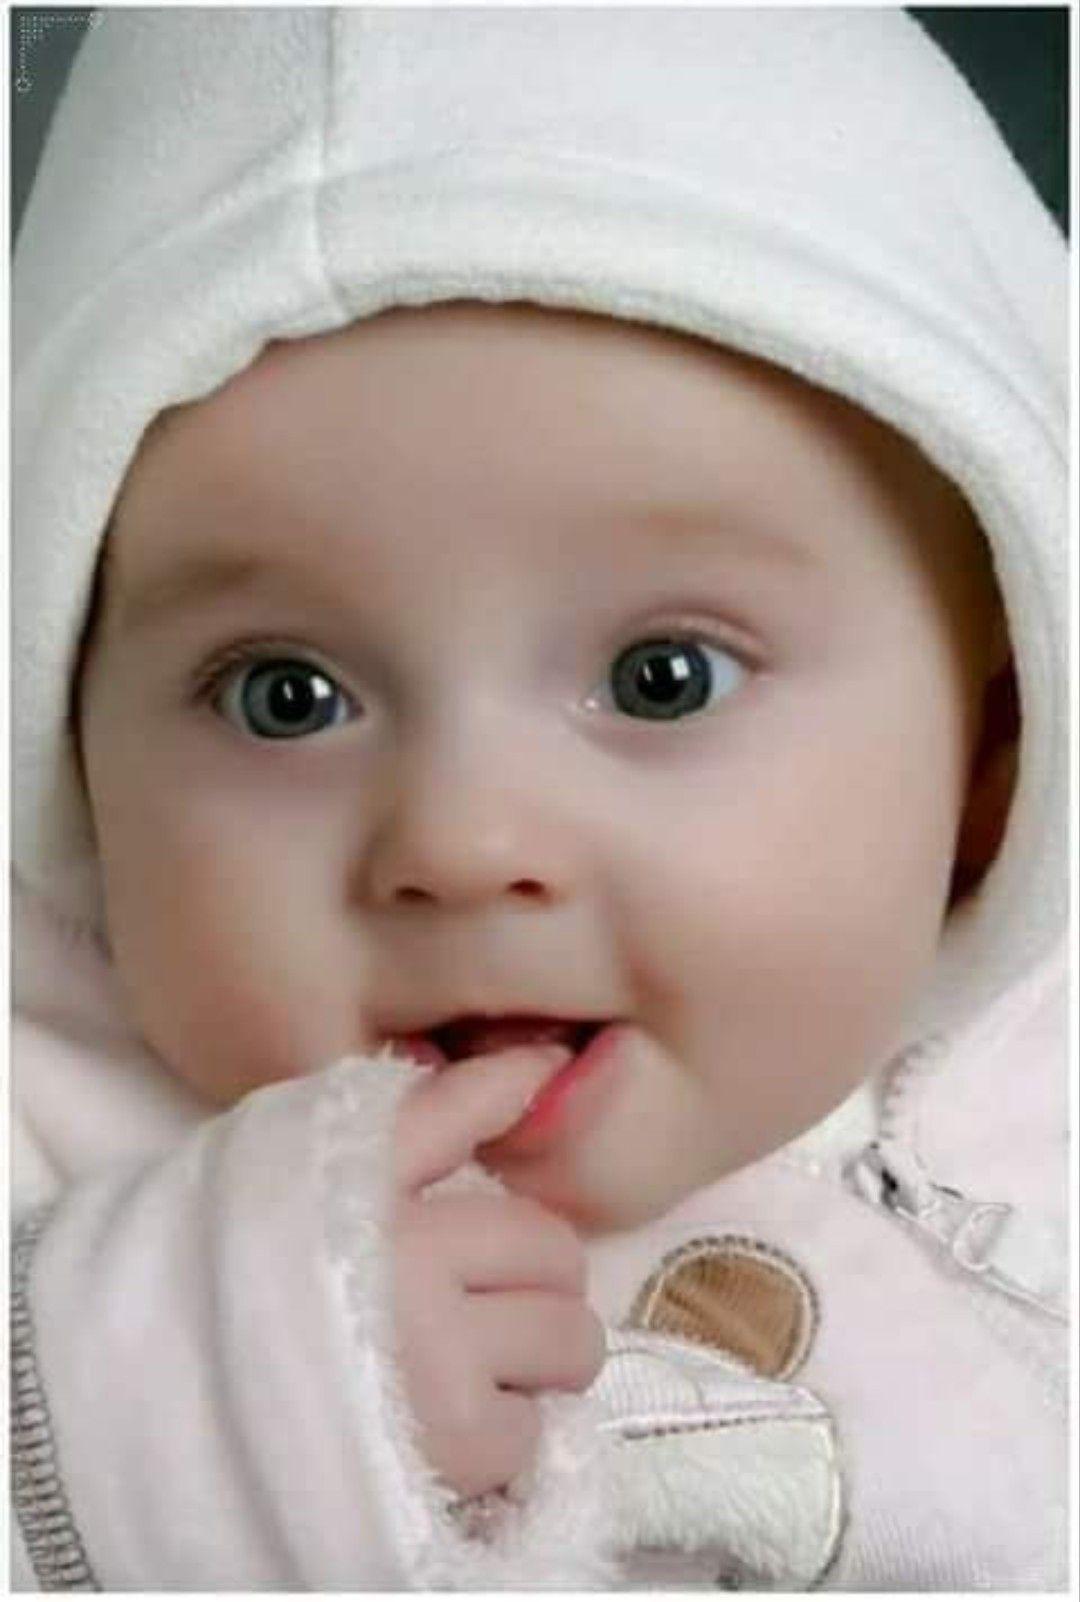 Eu Quero Amor Da Minha Vida De Qualquer Jeito Ou Maneira Como Achar Mrlhor Cute Little Baby Girl Cute Baby Girl Wallpaper Cute Baby Wallpaper